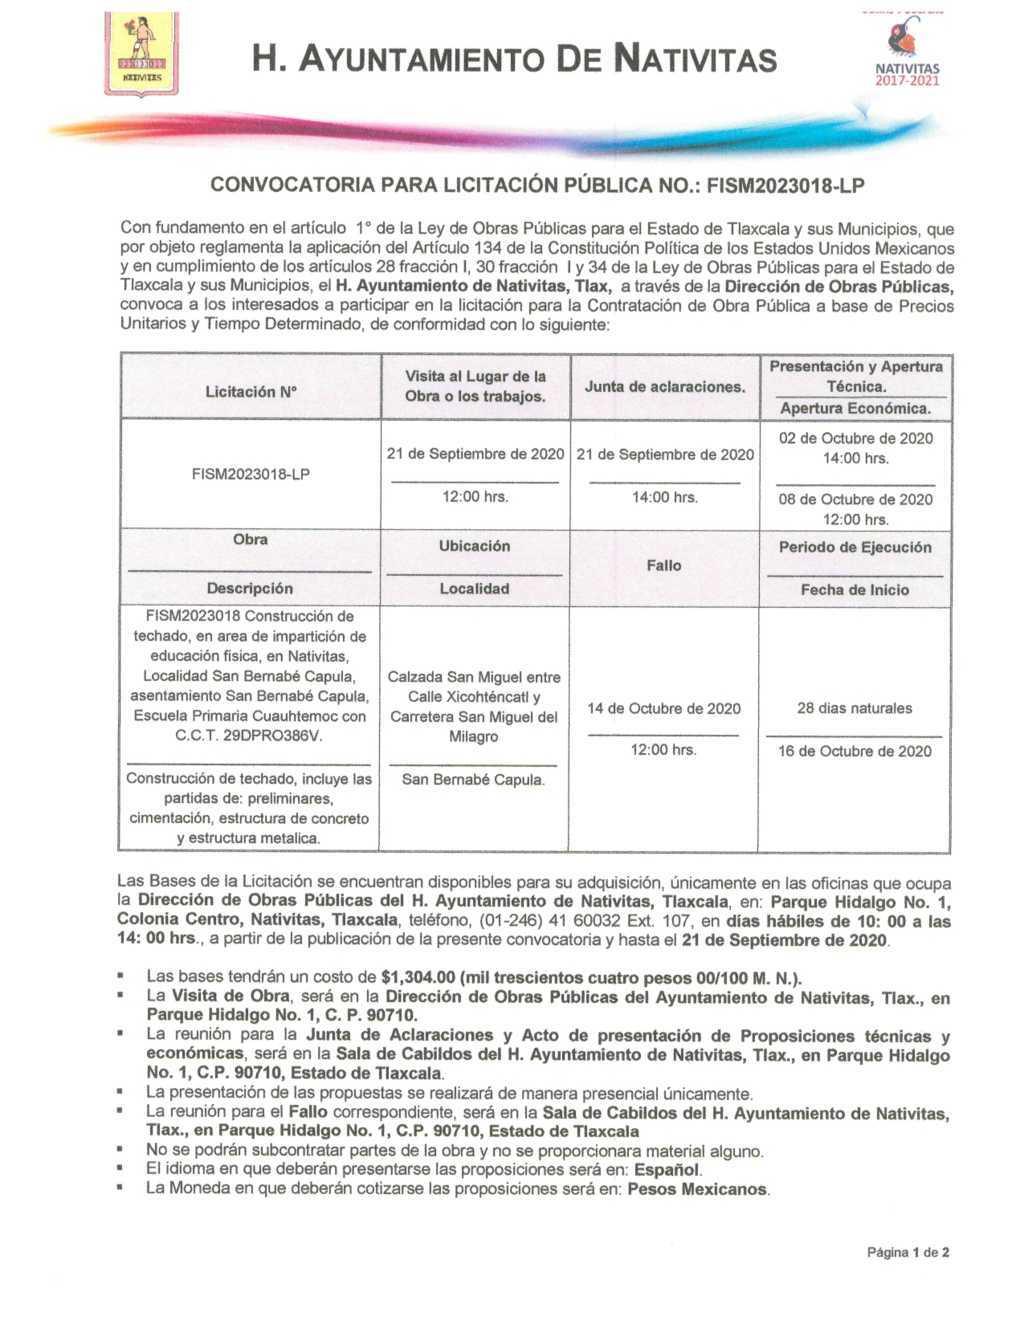 Abren convocatoria para licitación en Nativitas, Techumbre Capula